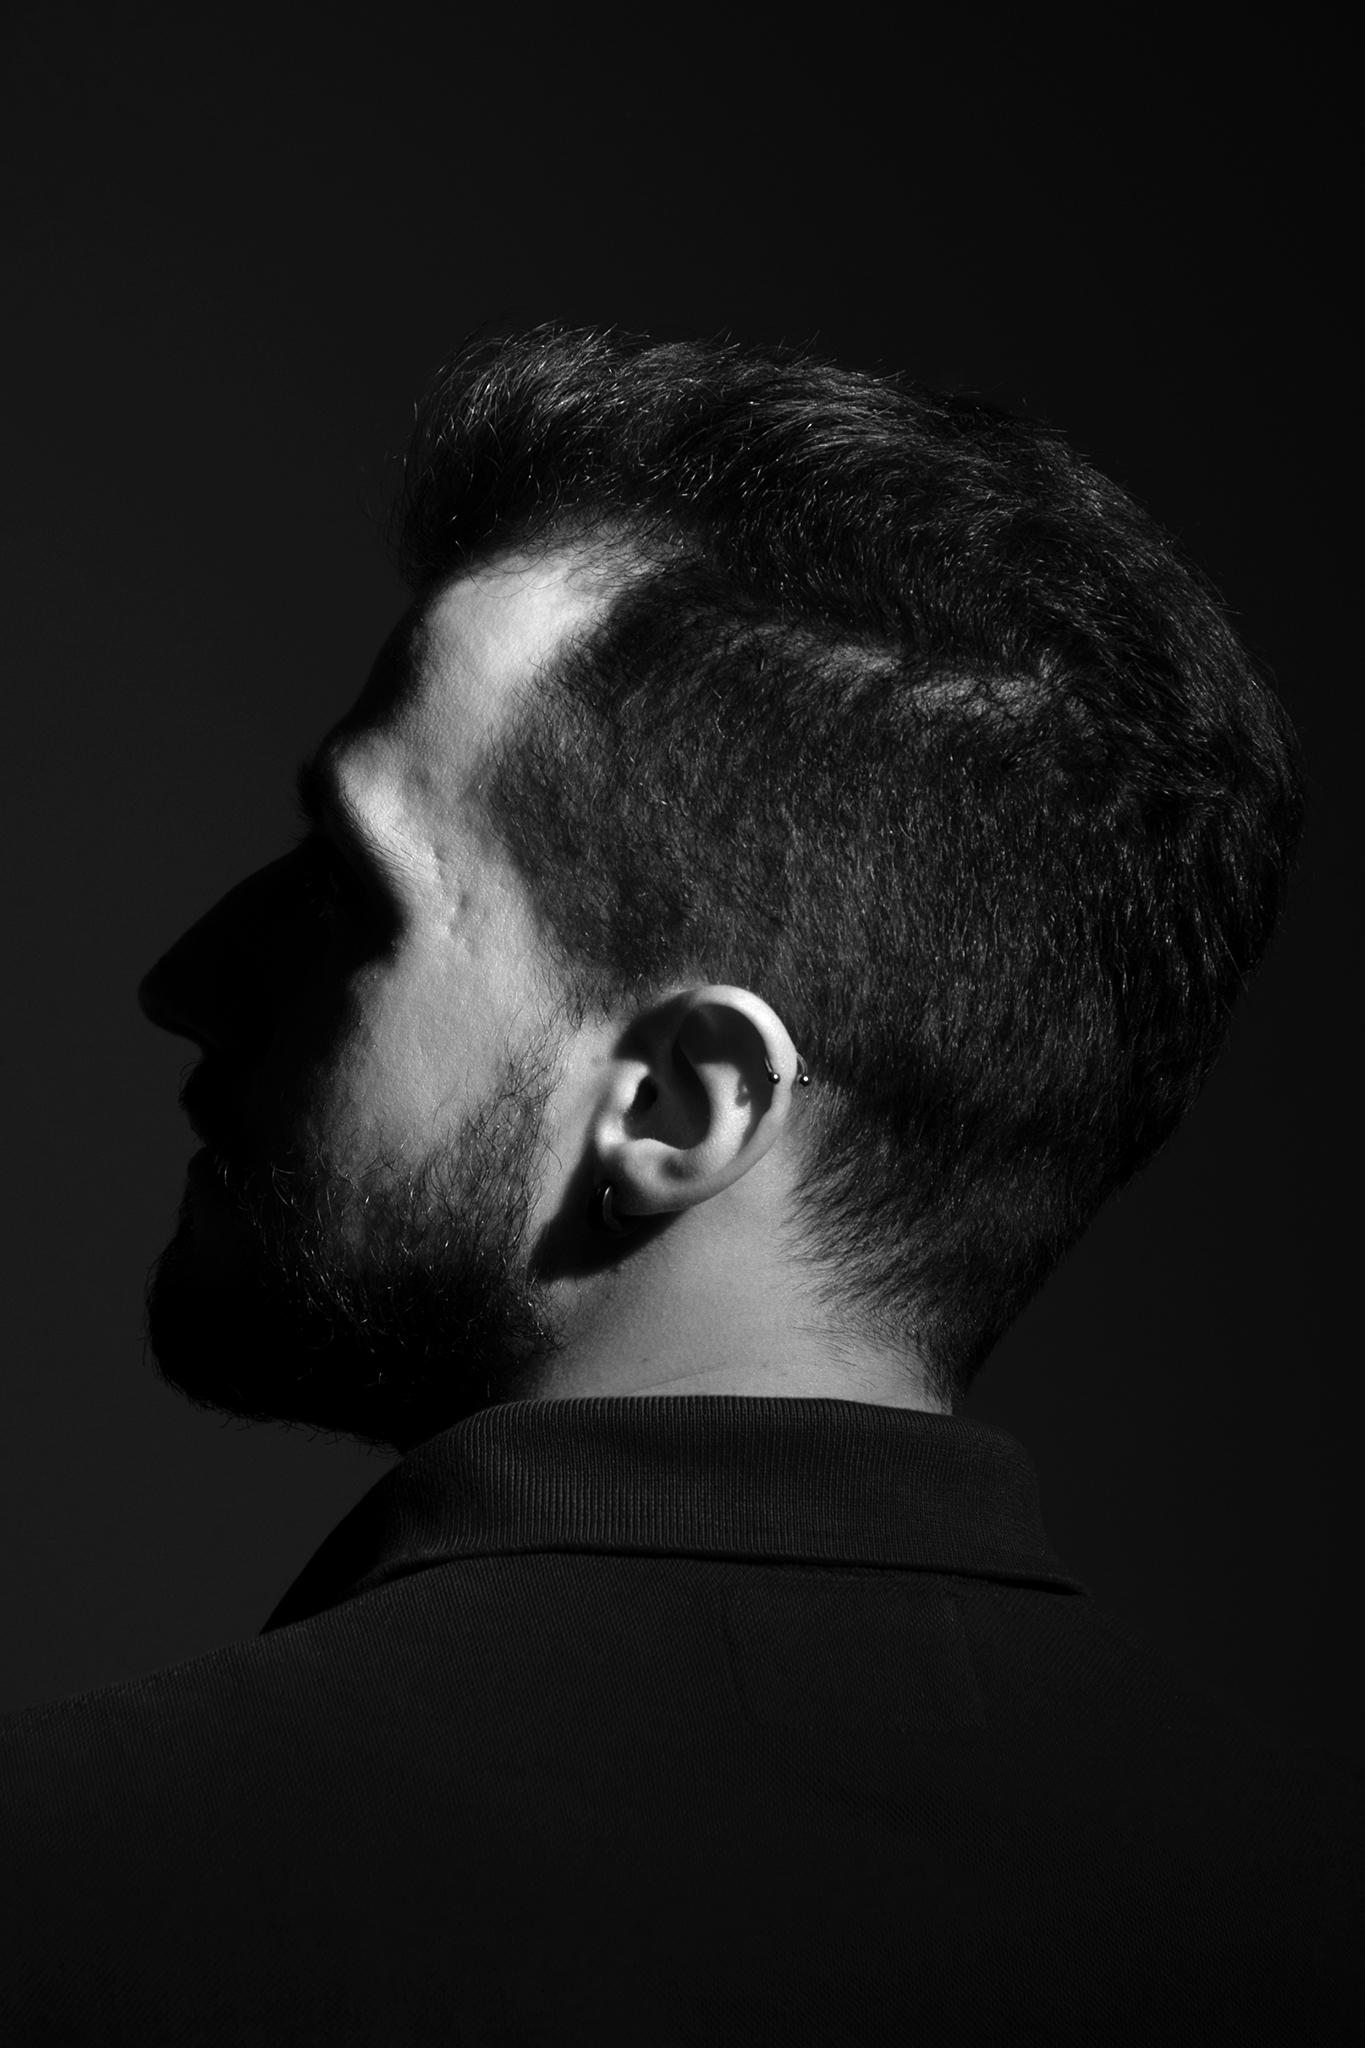 Marco_Viola